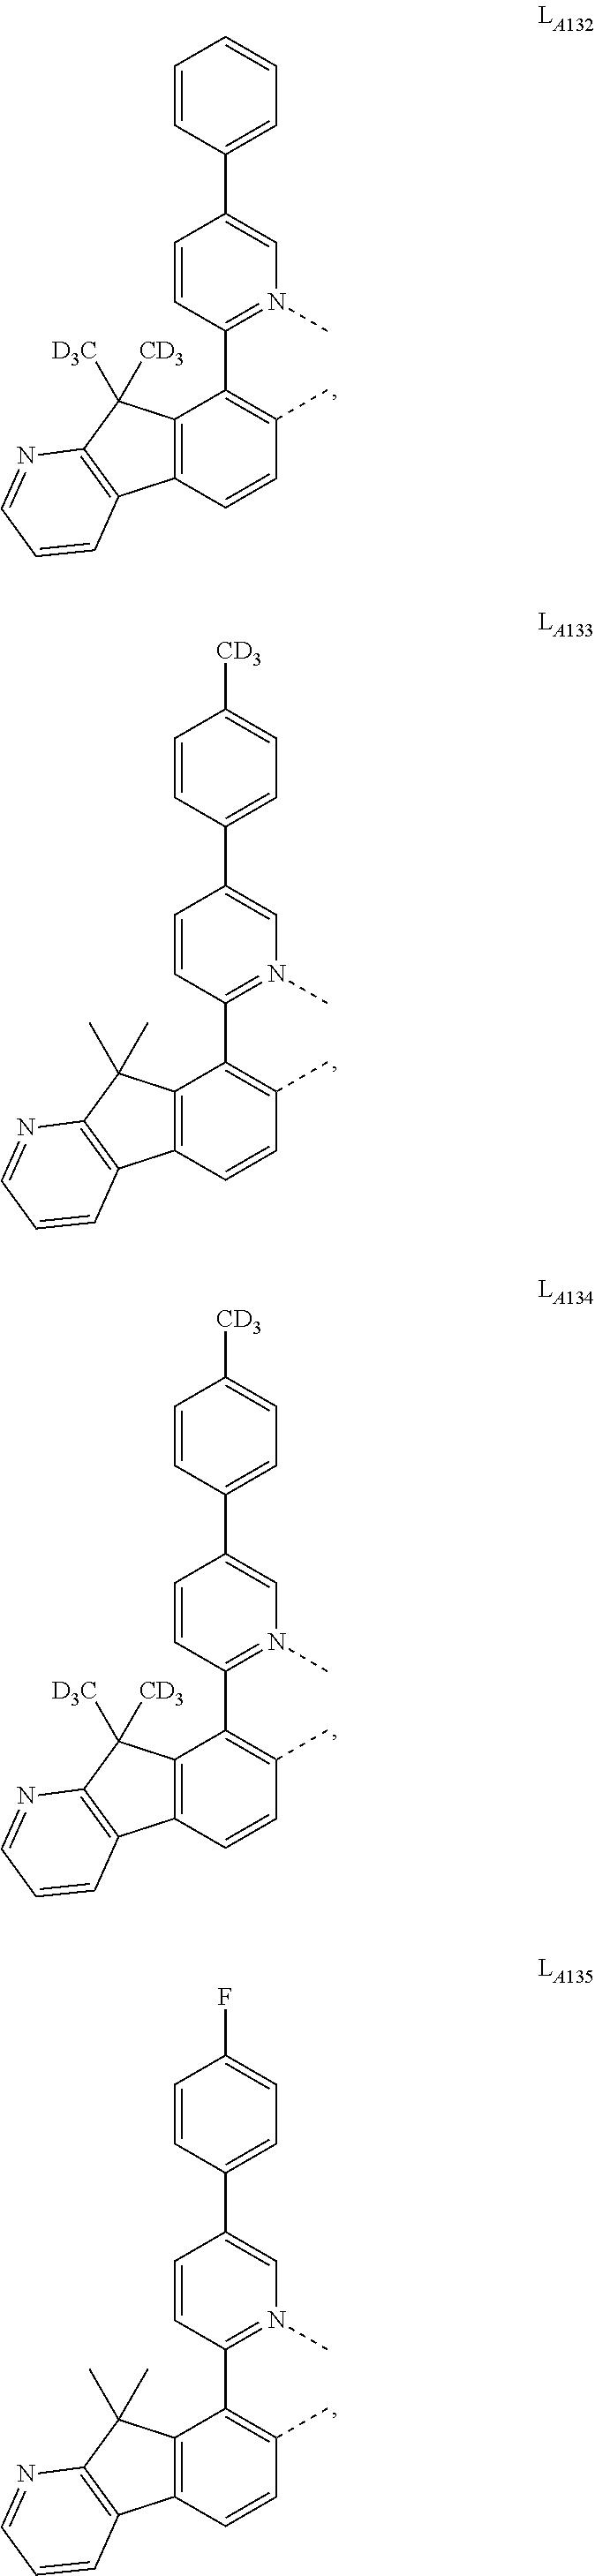 Figure US10003034-20180619-C00079